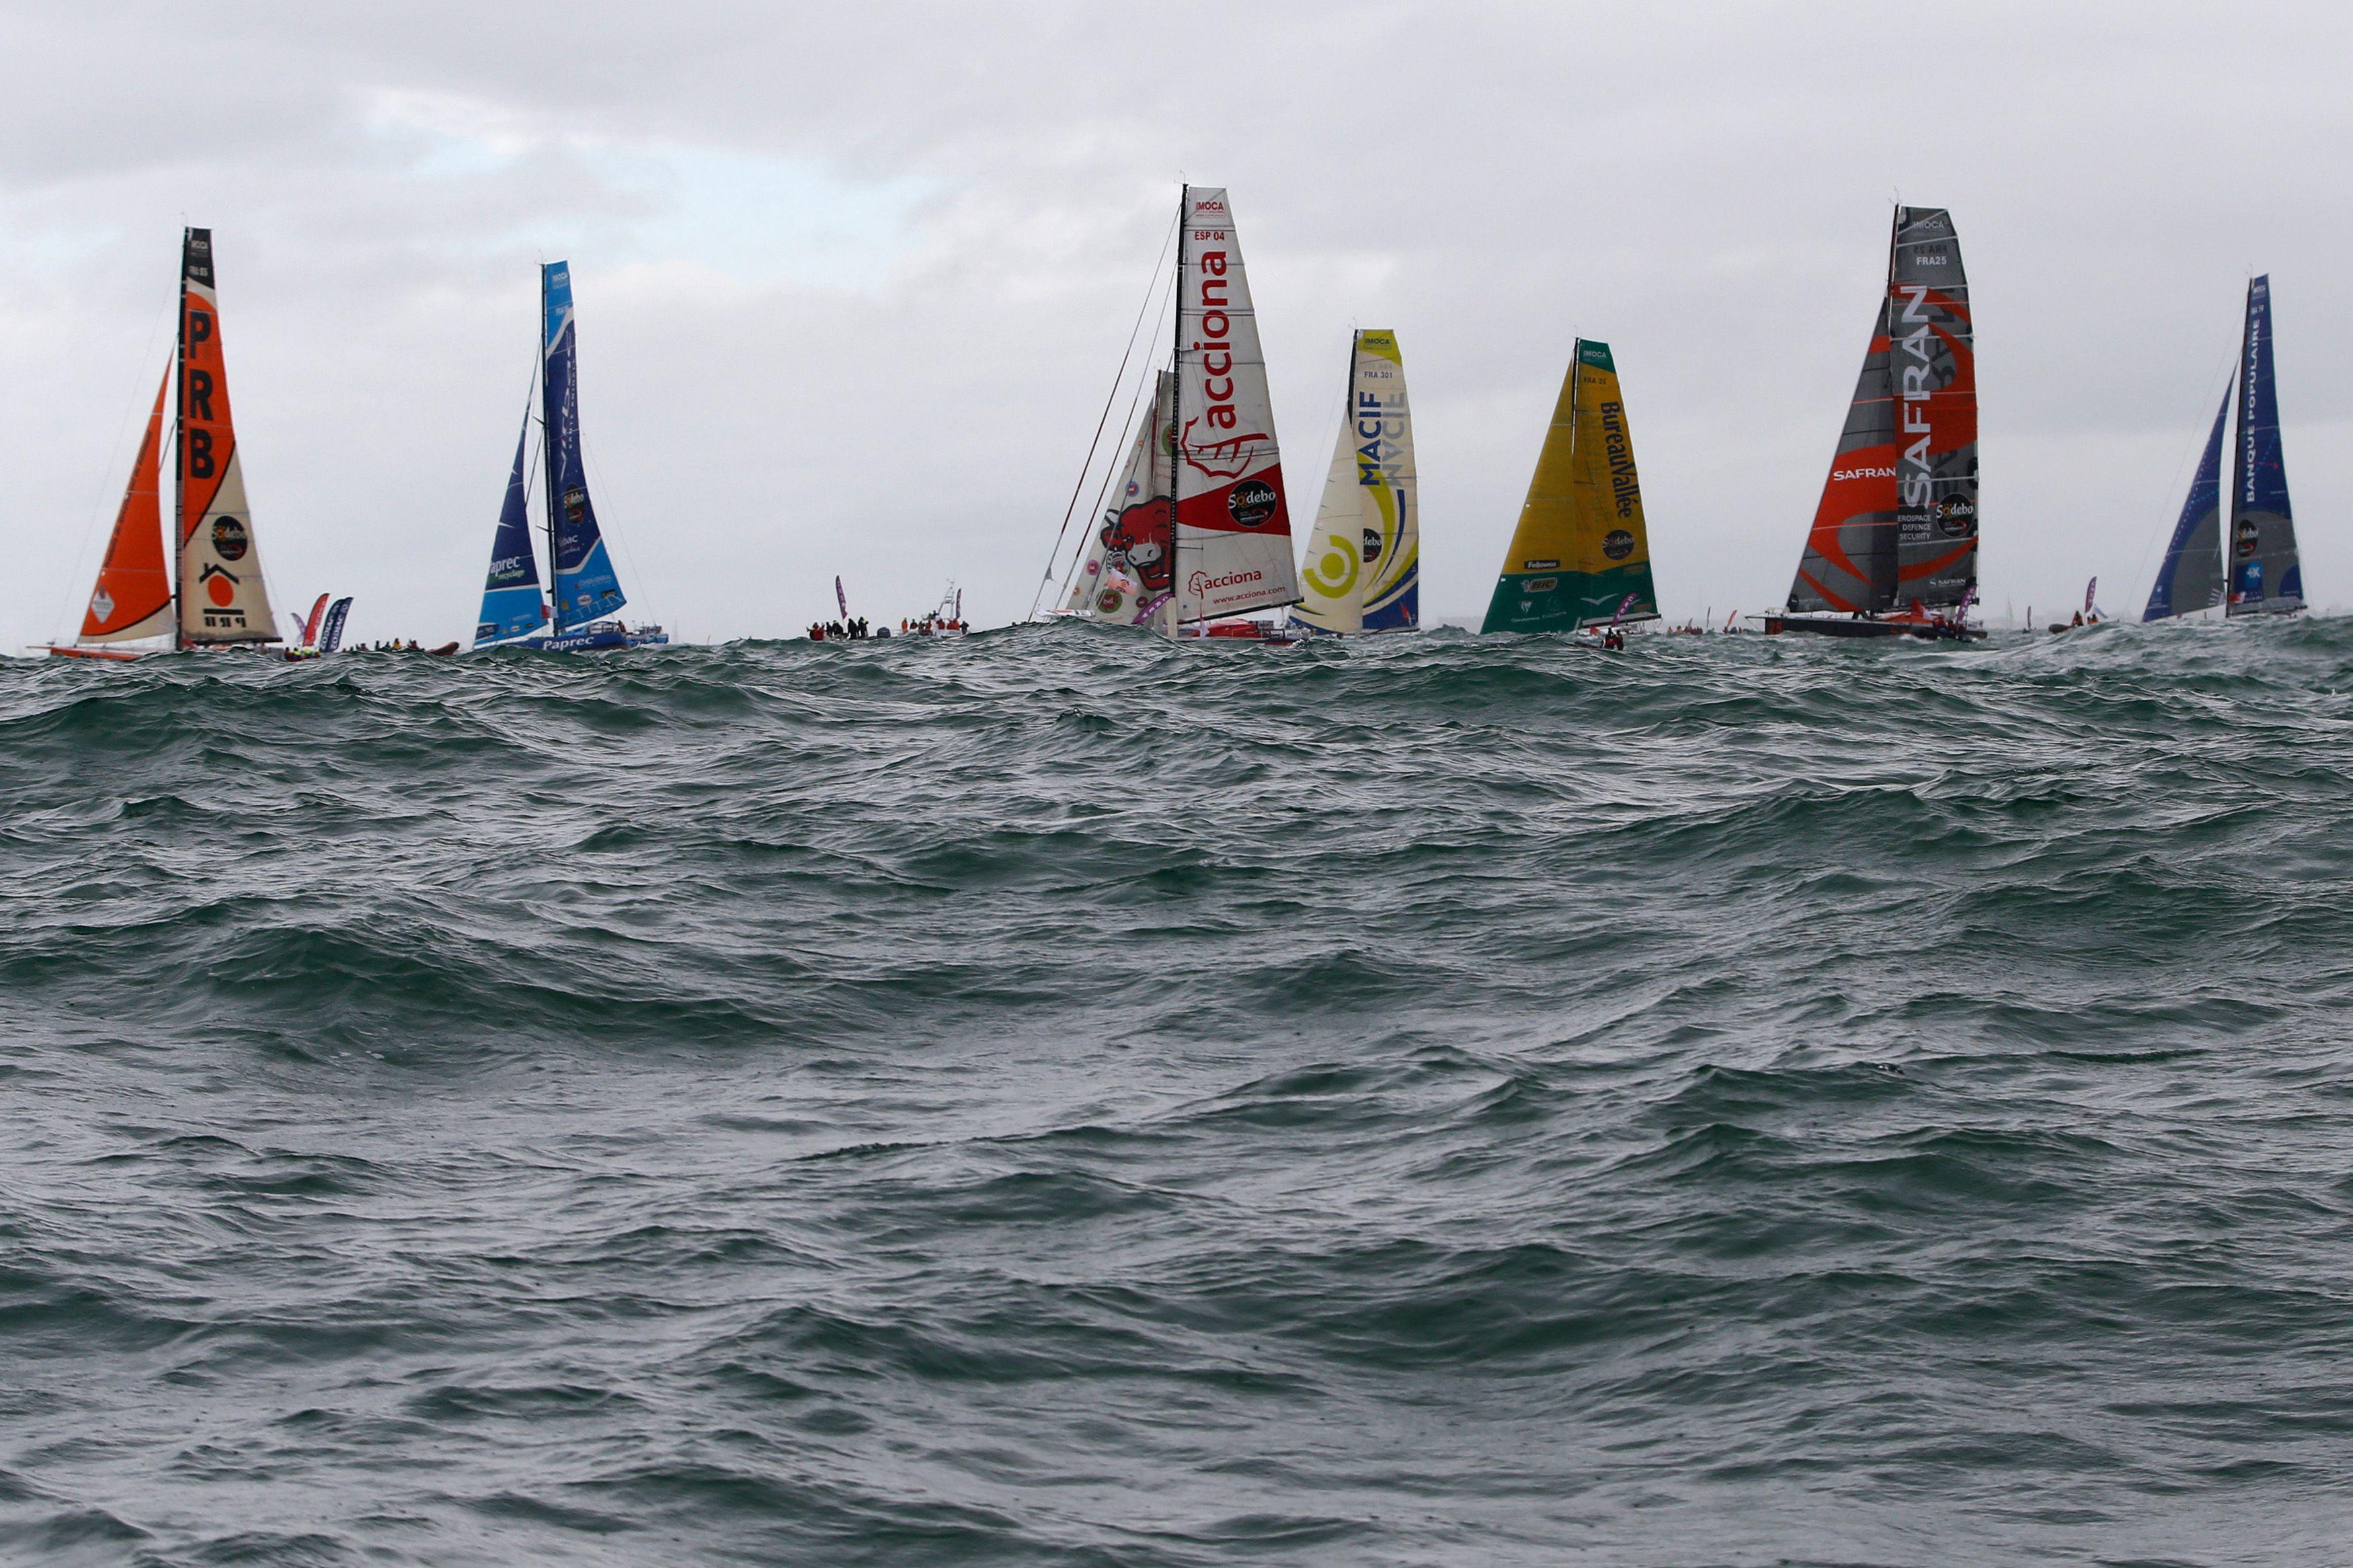 Départ du Vendée Globe : tout sur le redoutable défi psychologique auquel se confrontent les navigateurs (et ces leçons que nous pourrions tous en tirer)